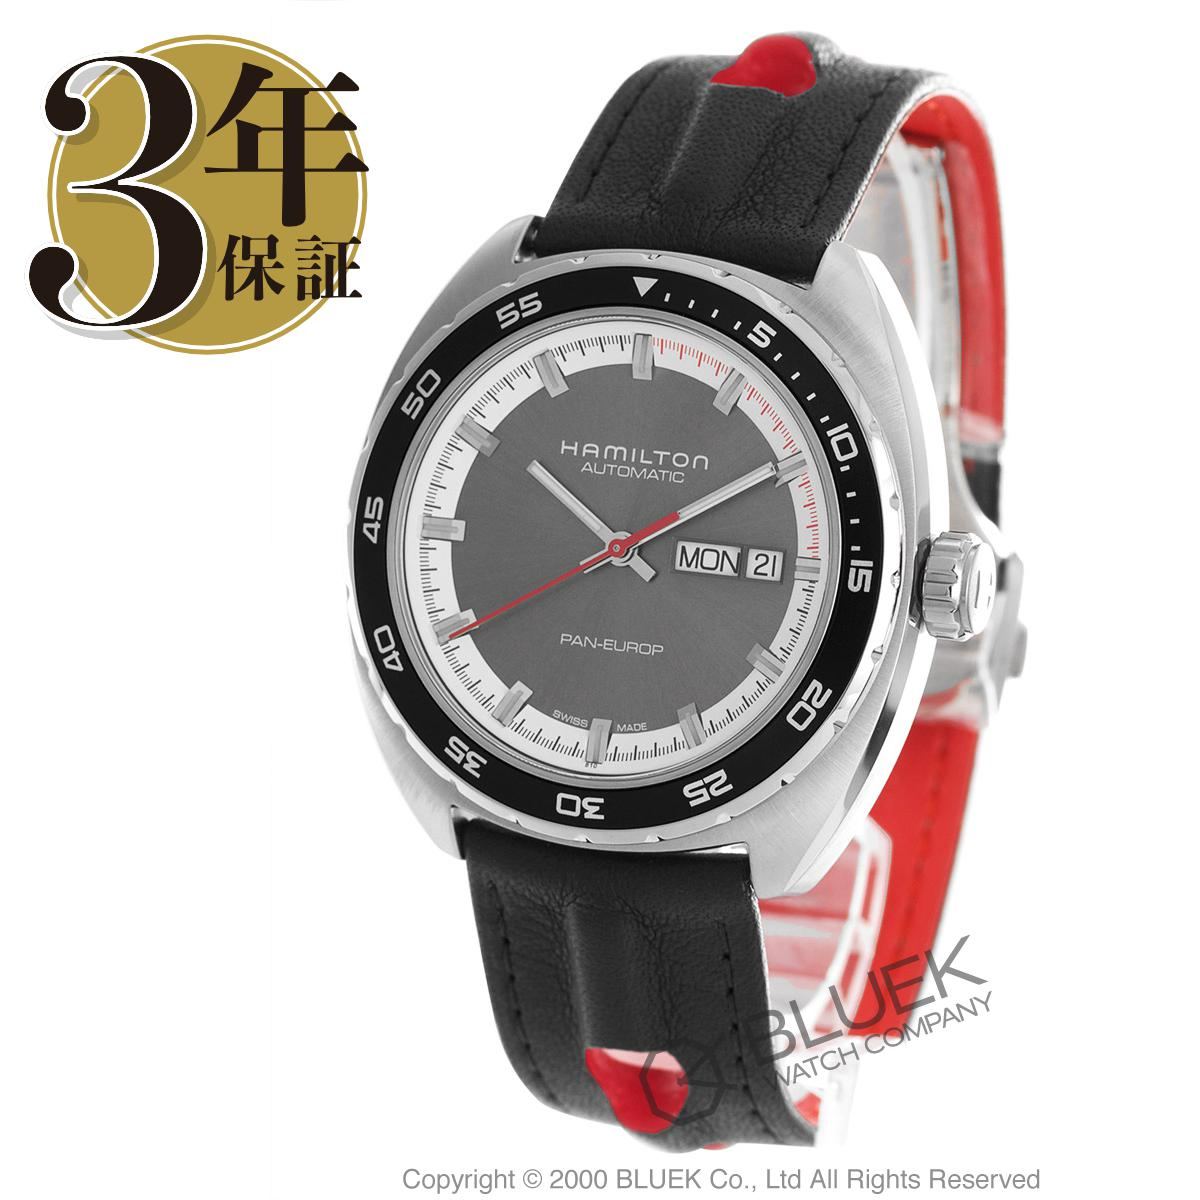 ハミルトン パン ユーロ 替えベルト付き 腕時計 メンズ HAMILTON H35415781_3